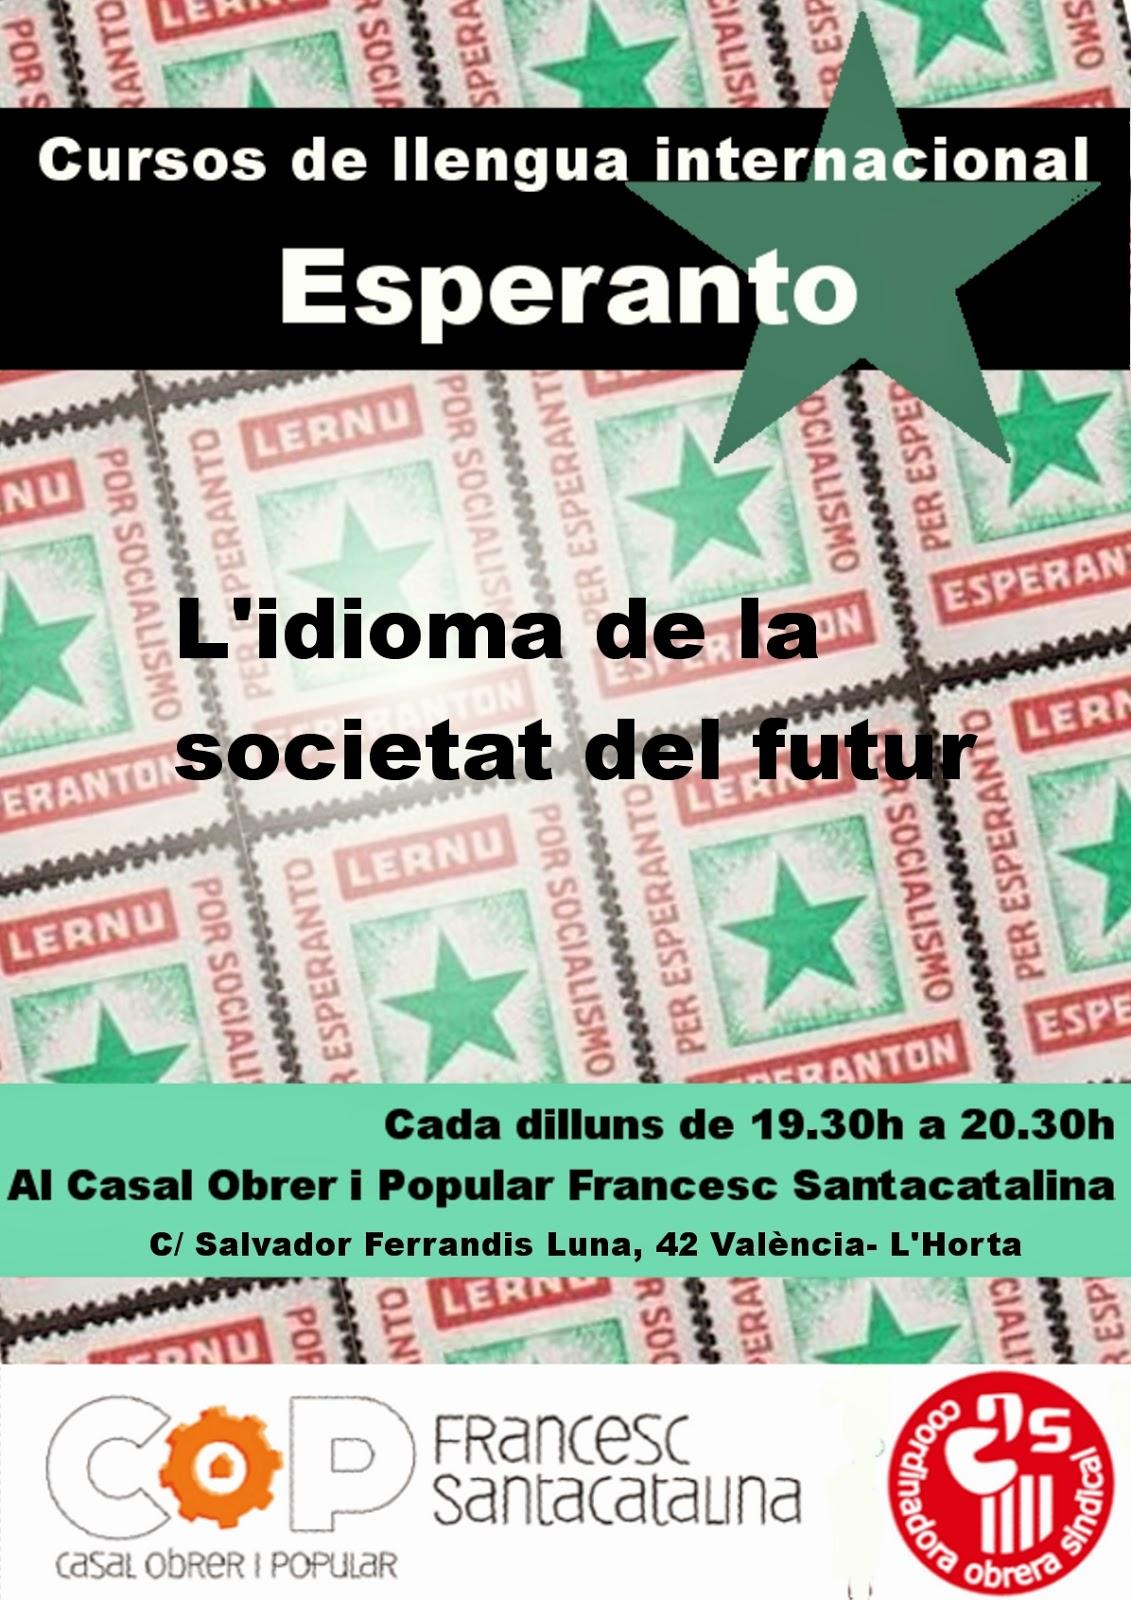 Curs de llengua internacional Esperanto